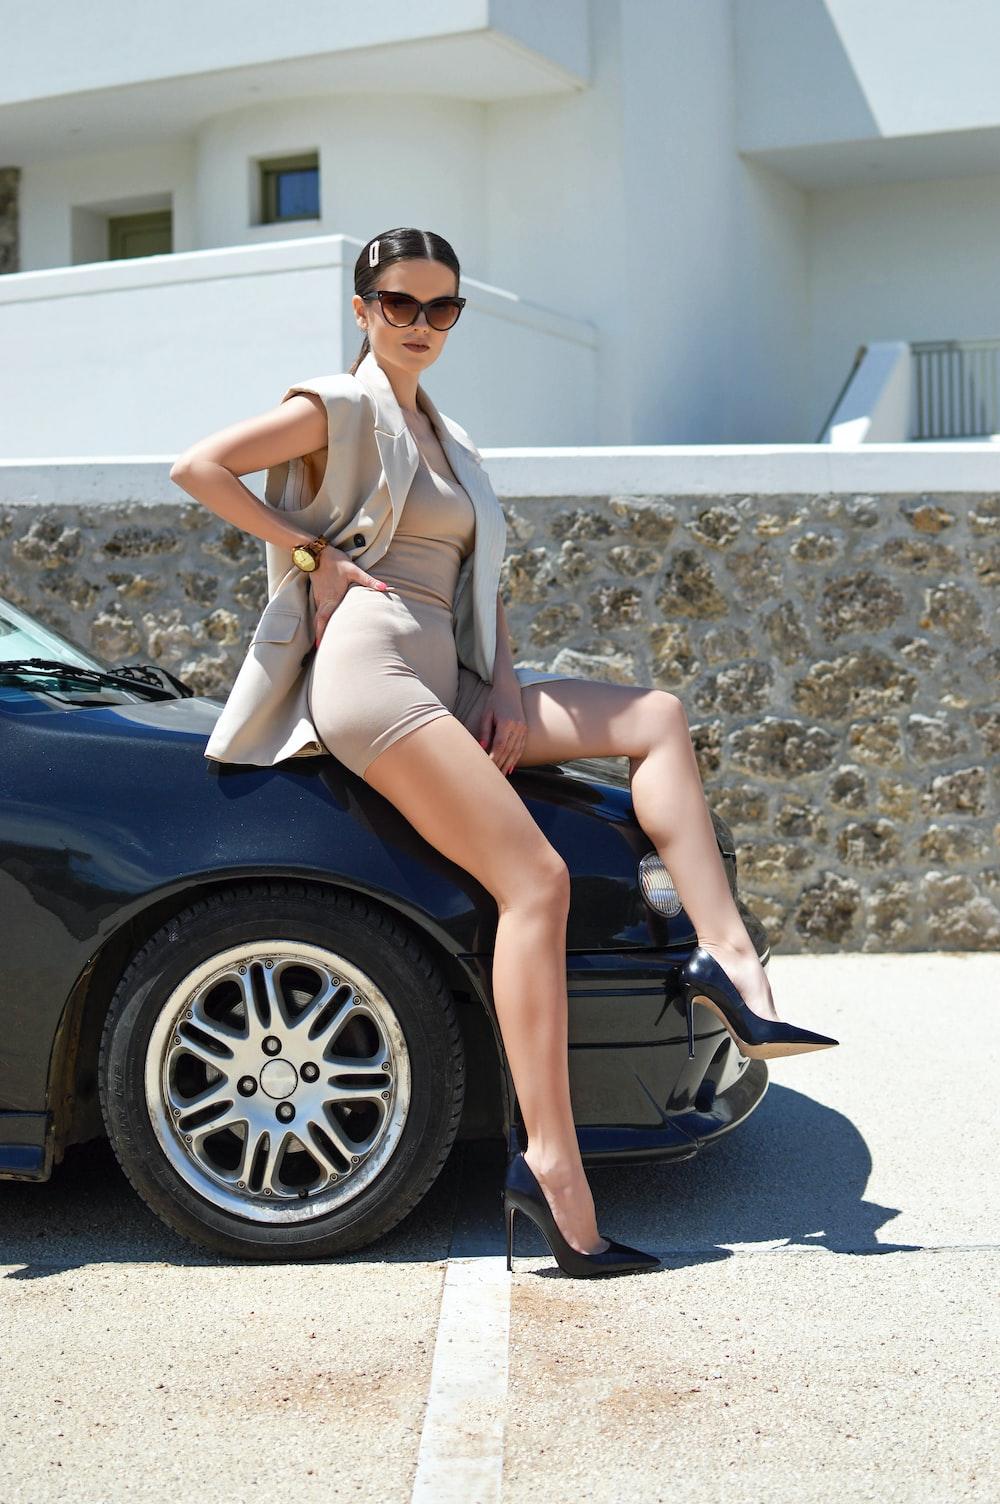 woman in white bikini sitting on black car